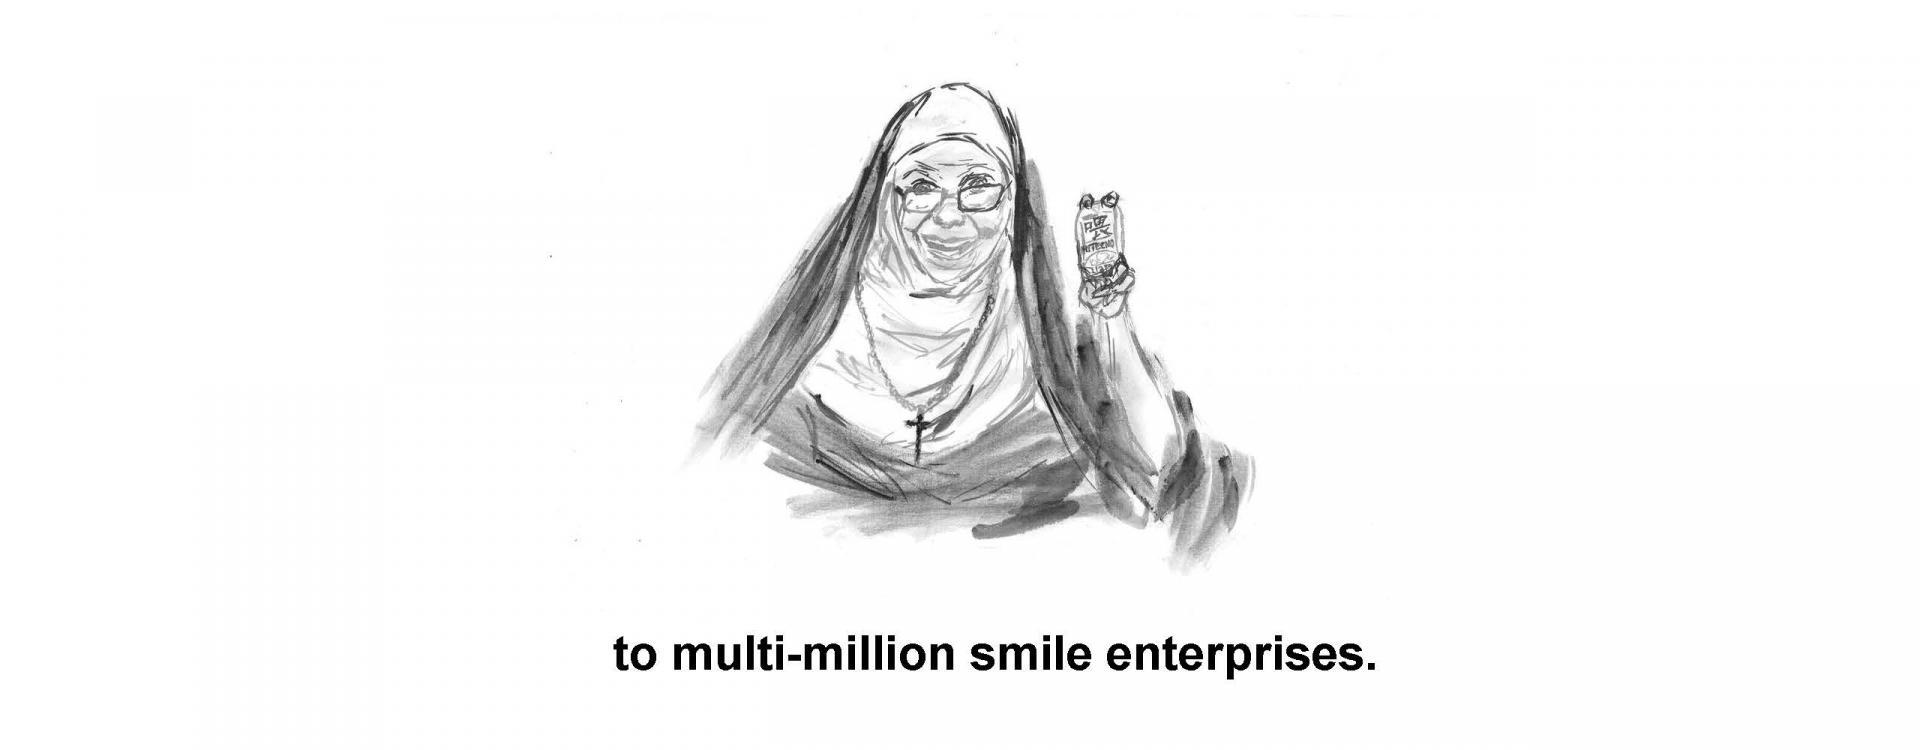 to multi-million smile enterprises.